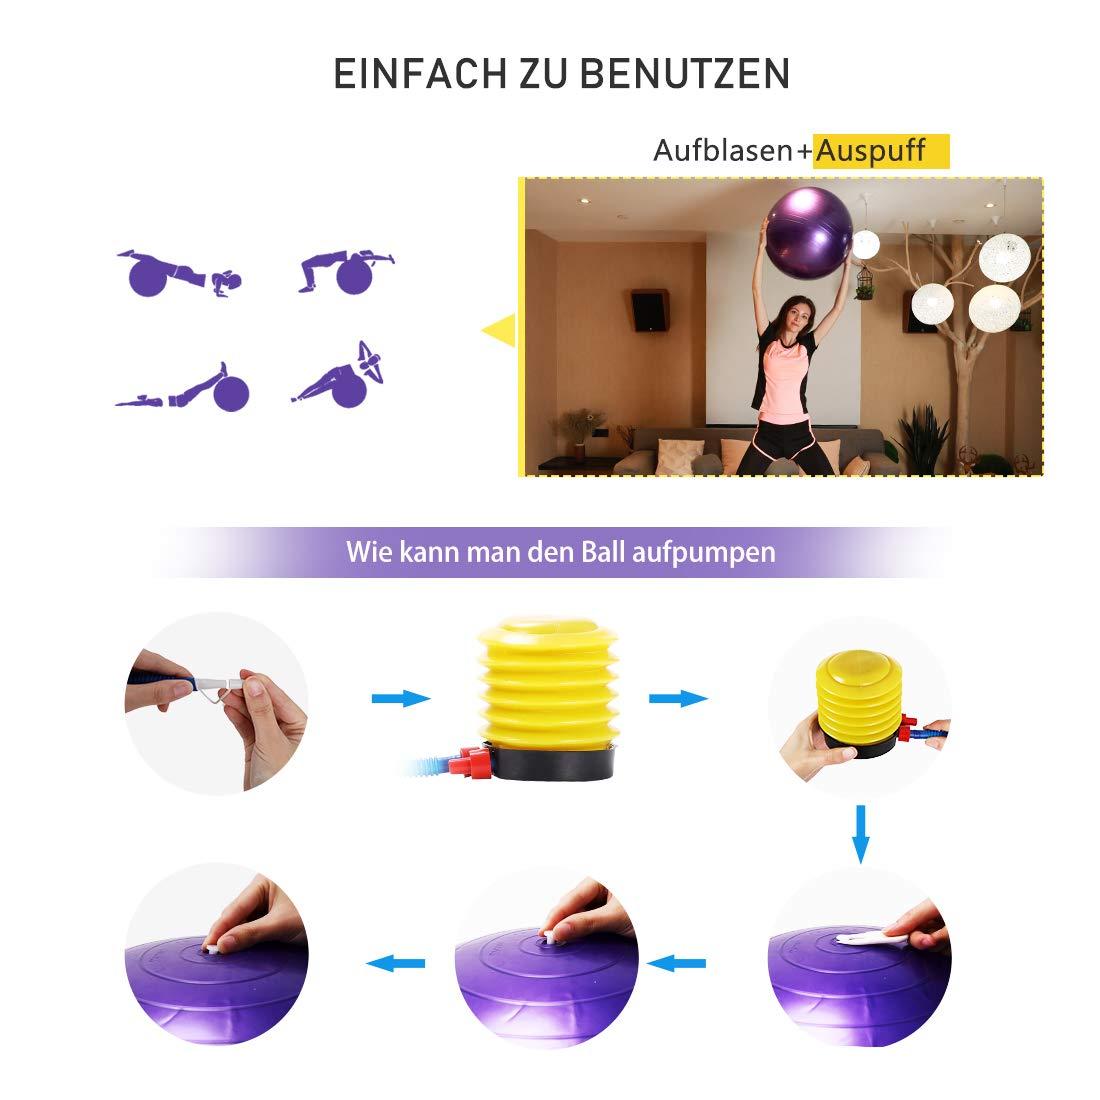 Pilates Fitness Fitness para Entrenamiento 75 cm 55 cm Yoga Antideslizante con Bomba de Aire no se oxida. 65 cm Pilates GWELL Pelota de Gimnasia